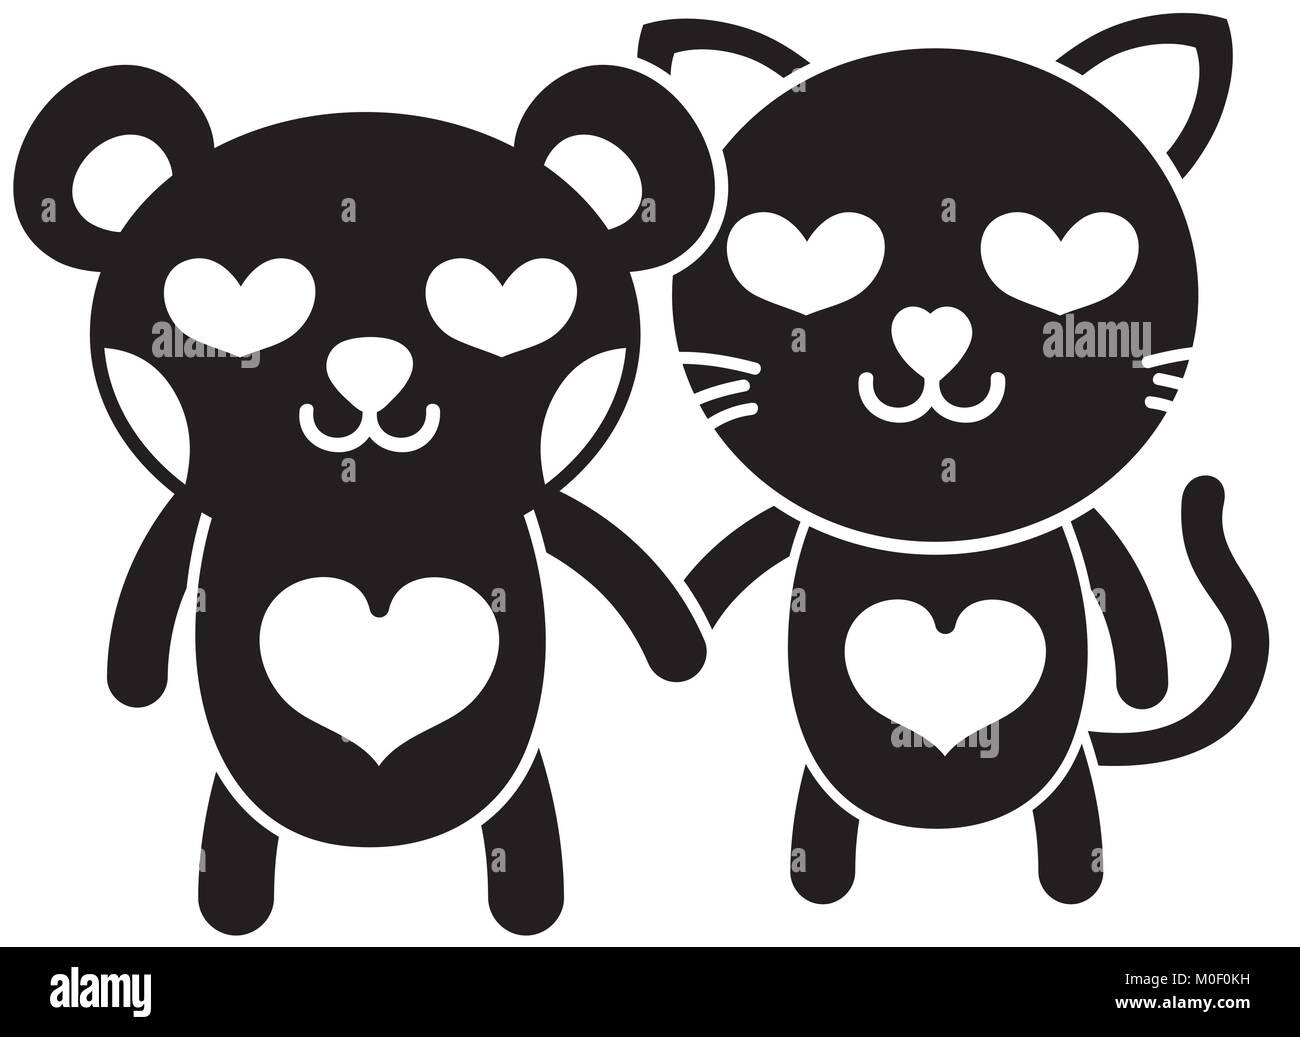 Silueta Enamorado Oso Y Gato Par Los Animales Ilustración Del Vector